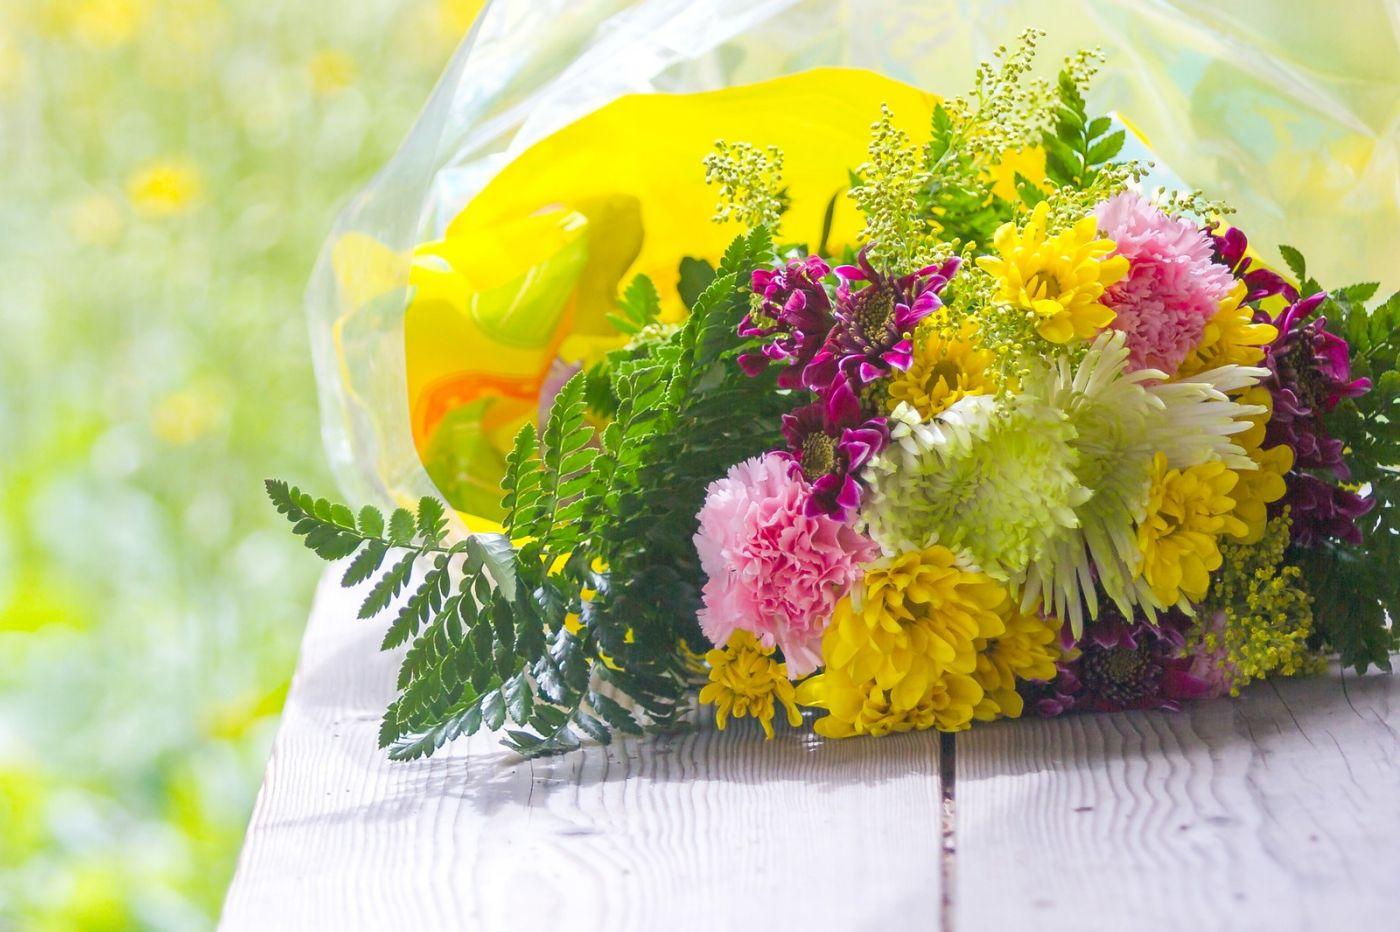 一束花的畅想_图1-15